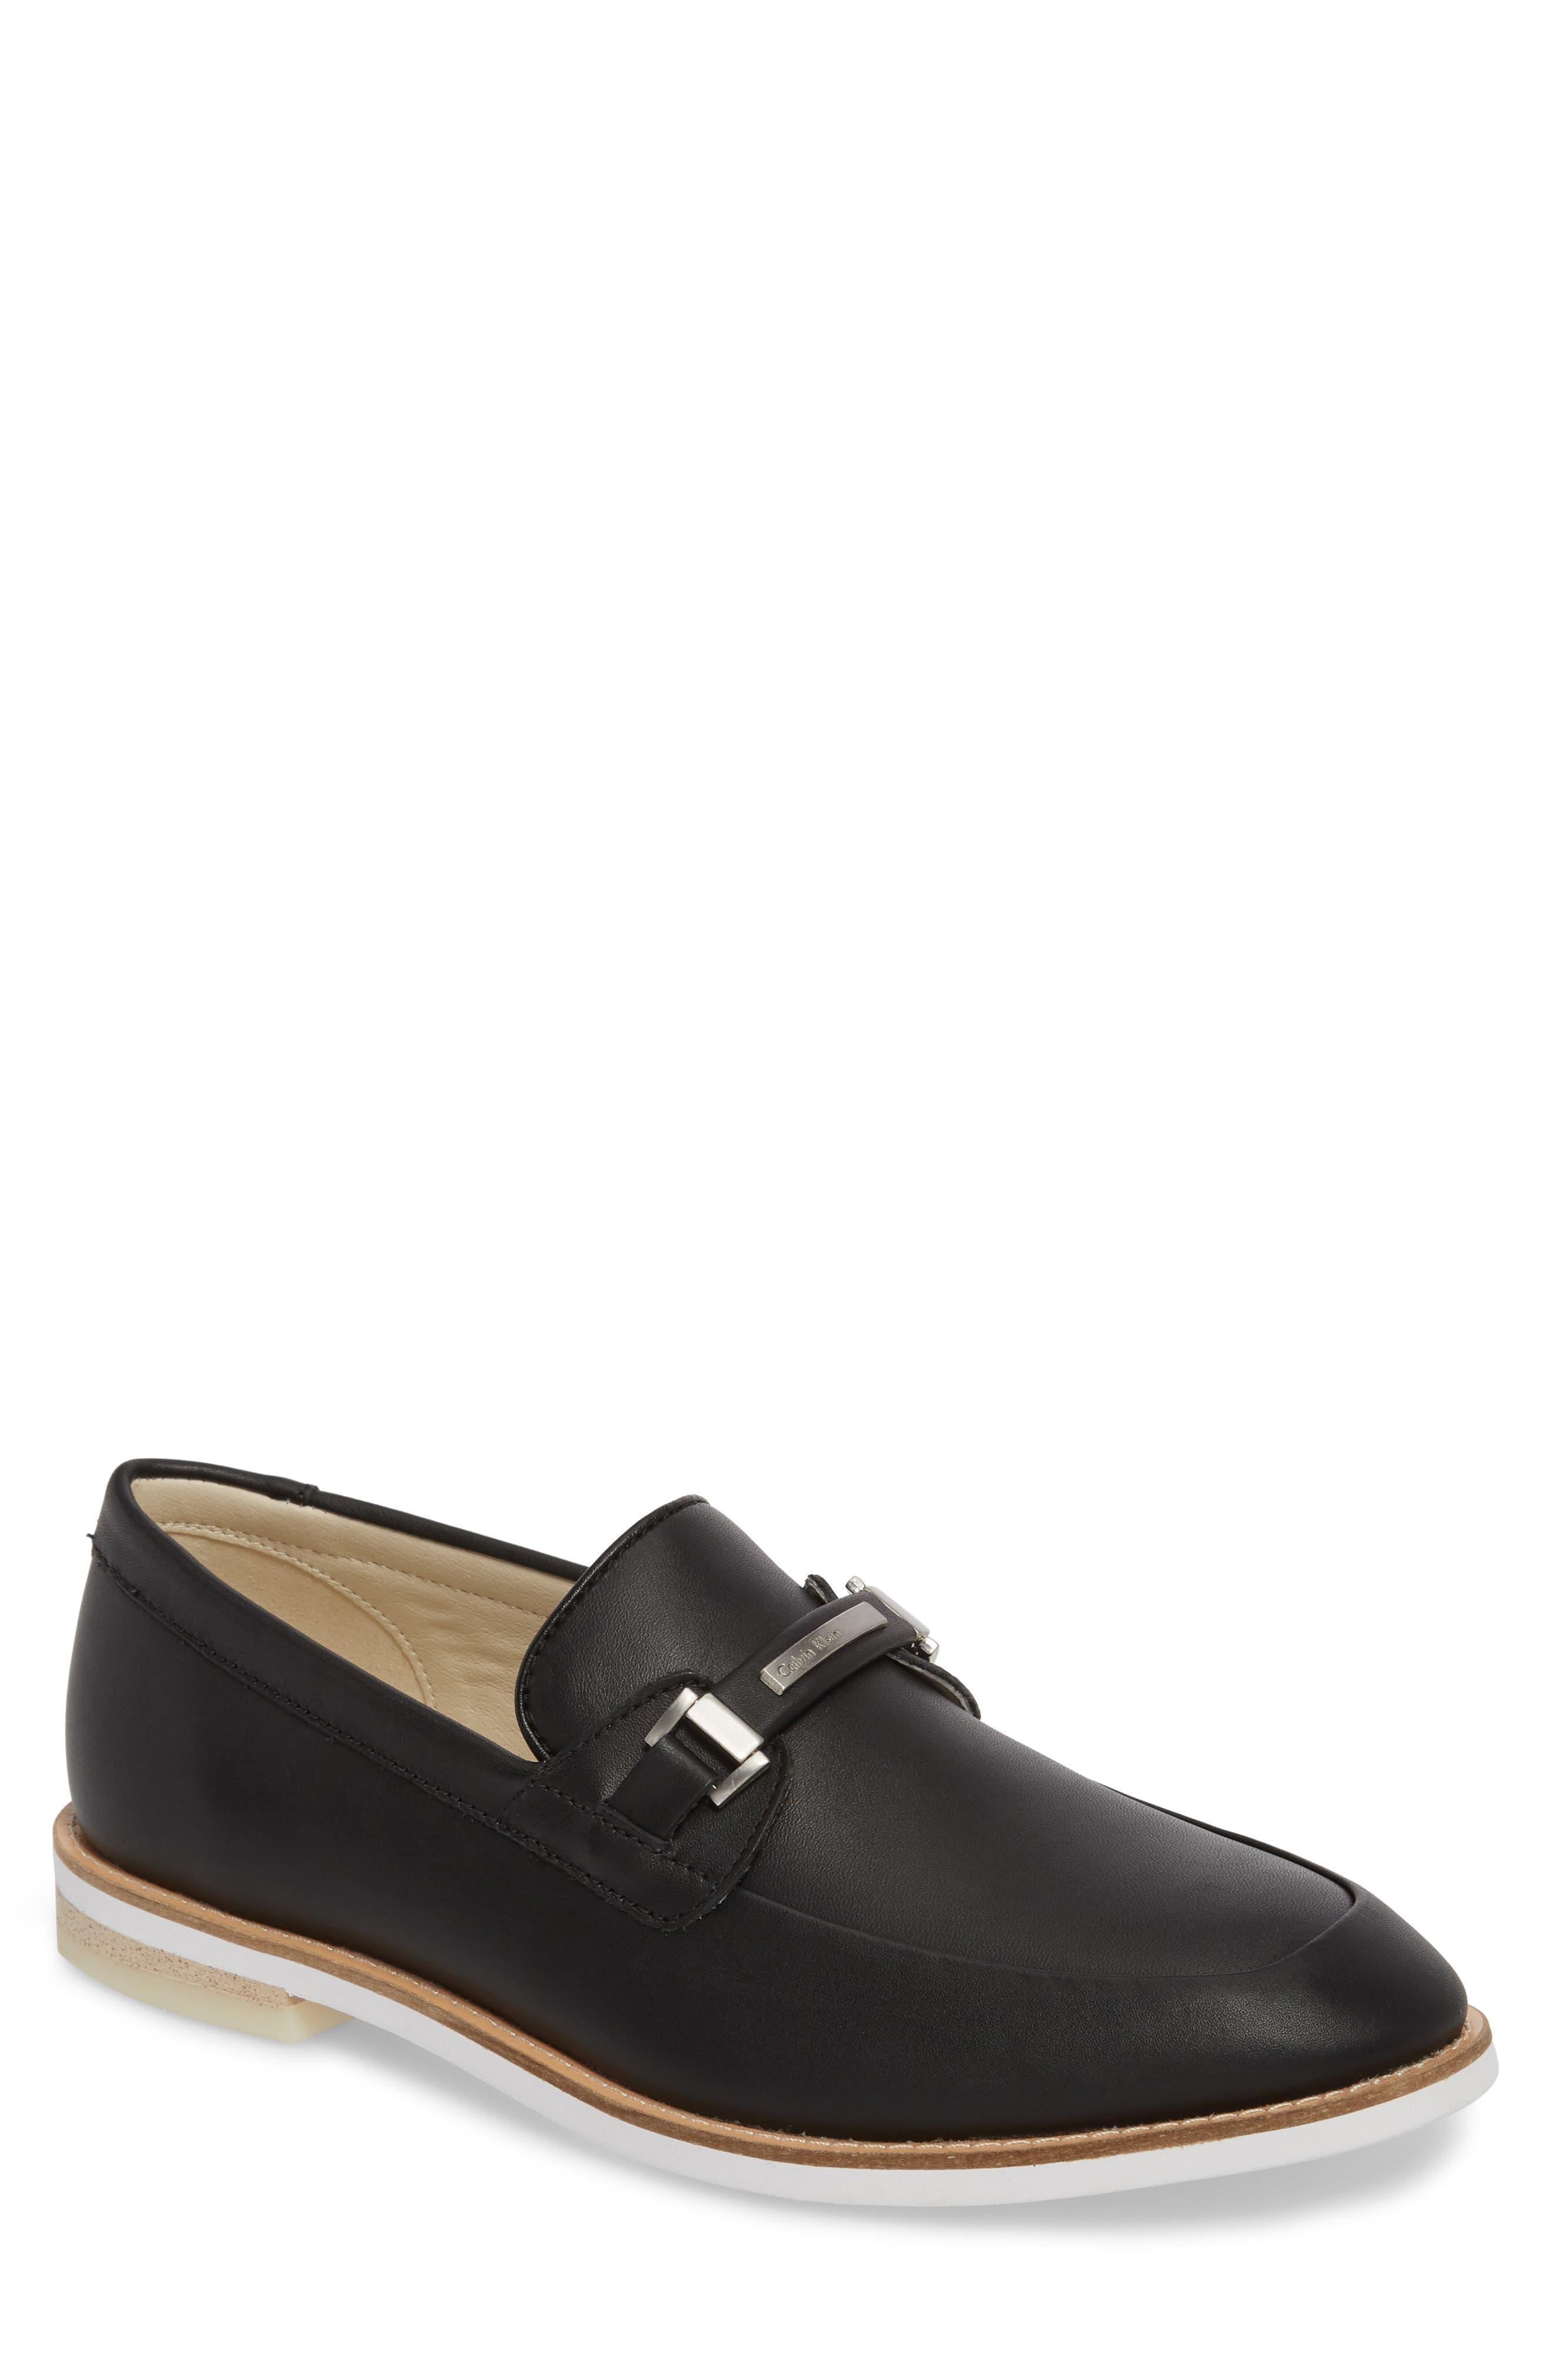 Adler Bit Loafer,                         Main,                         color, Black Leather